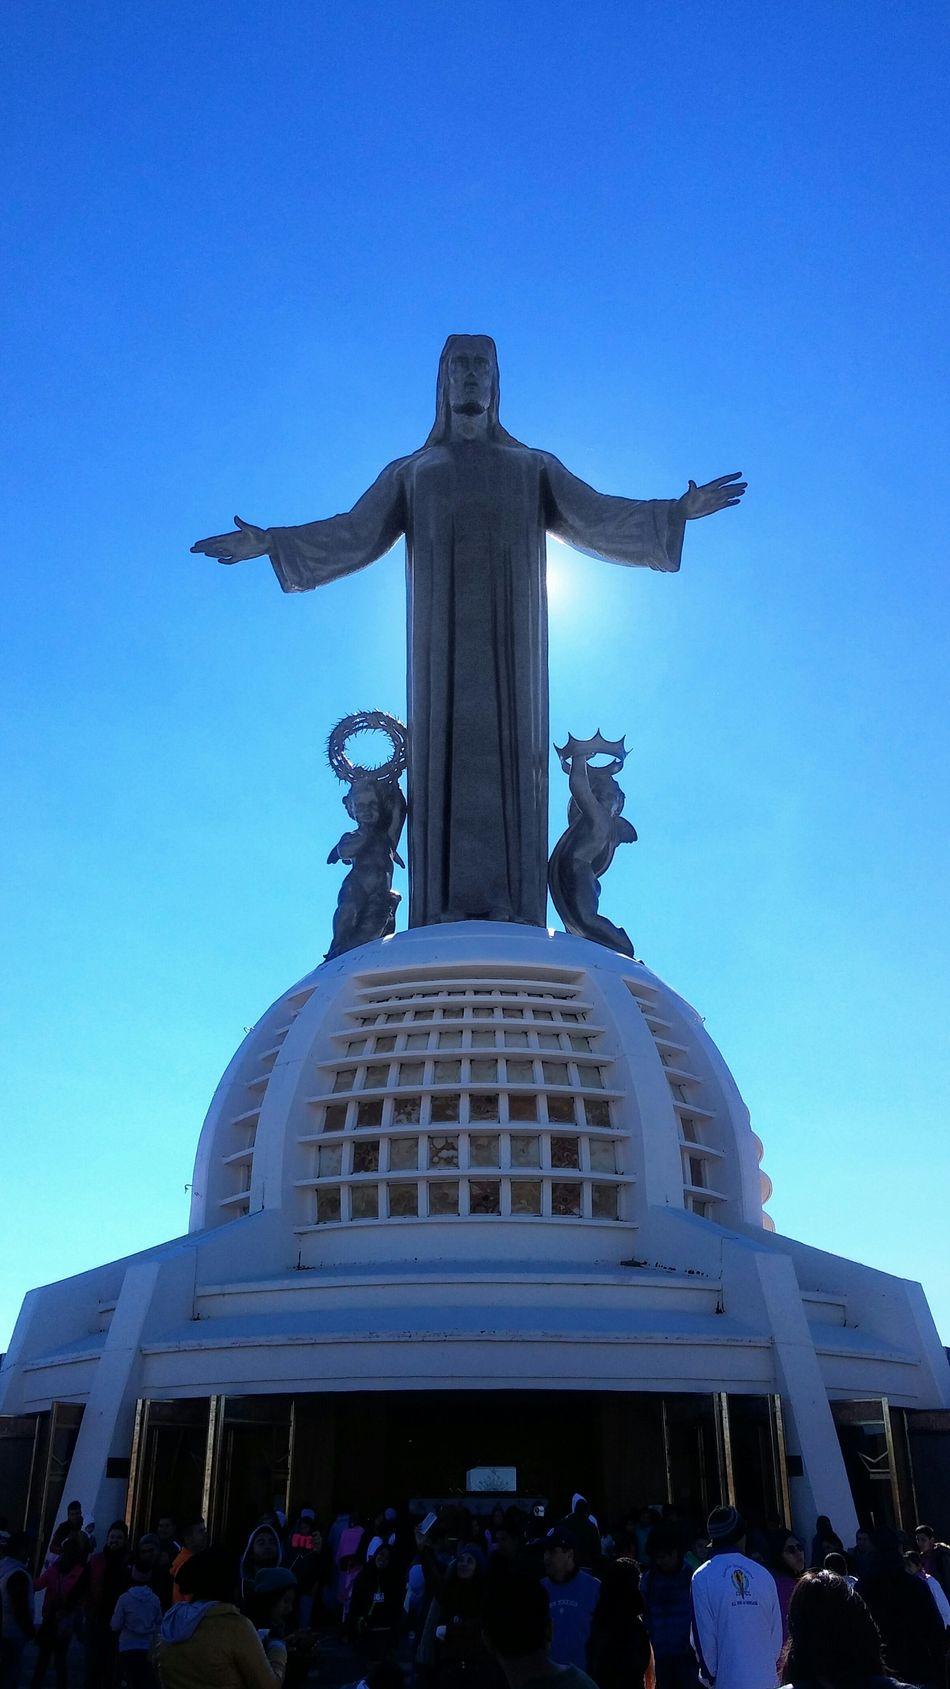 Cristo Cerro Cerrodelcubilete Guanajuato Mexico Religion Mexico_maravilloso Mexicotradicion